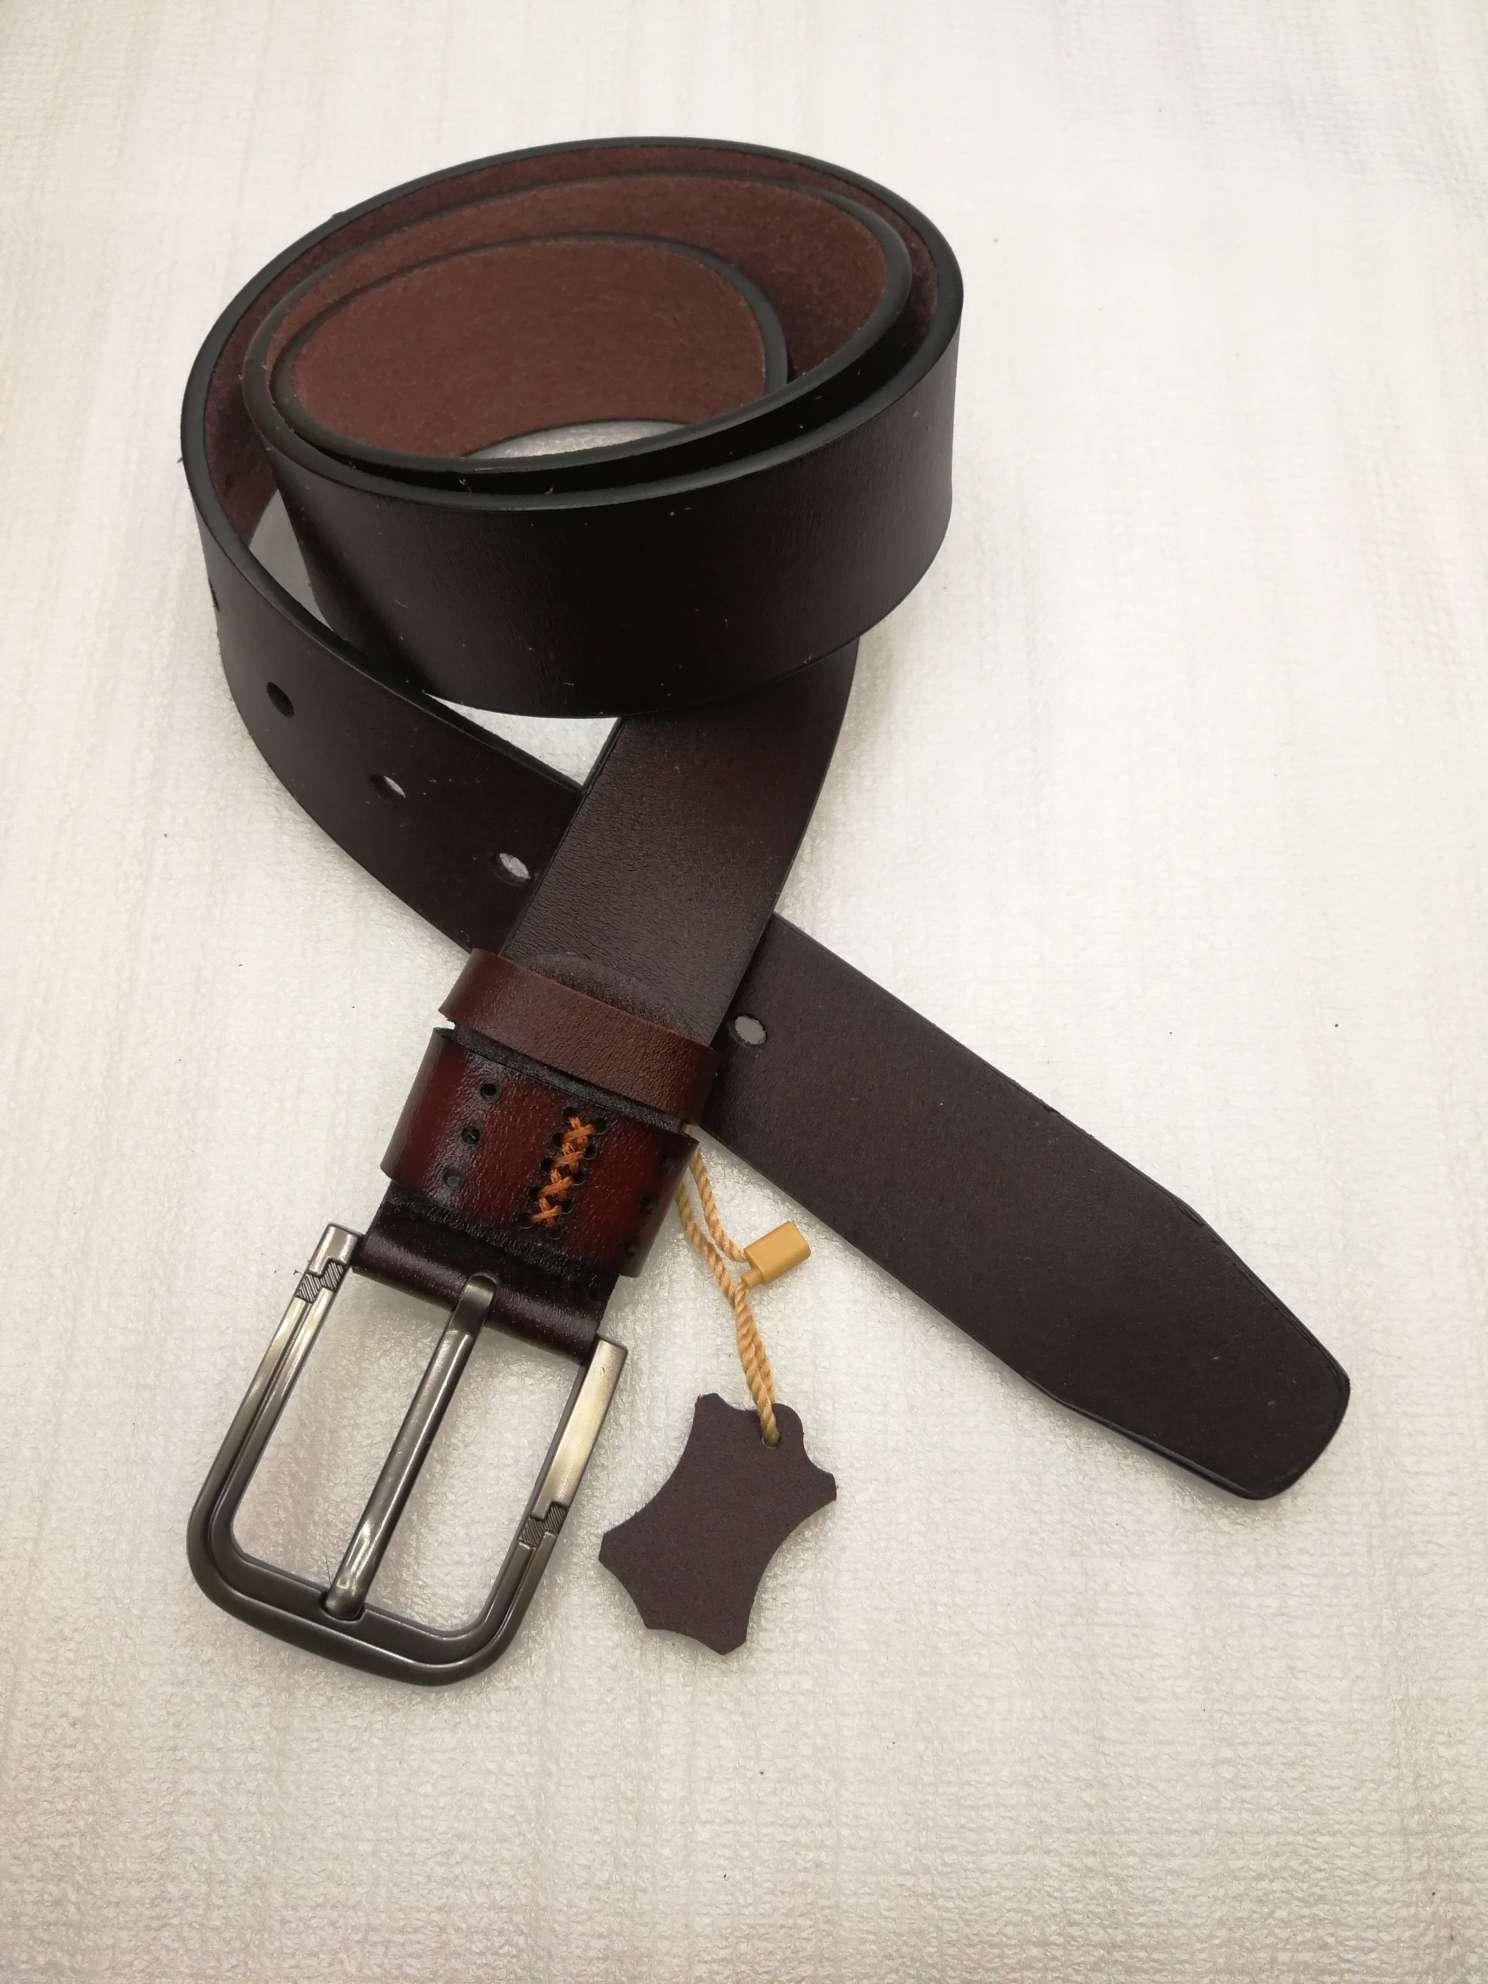 义乌好皮带AB0061韩版潮流针扣休闲时尚男女士腰带厂家直销供应内销外贸